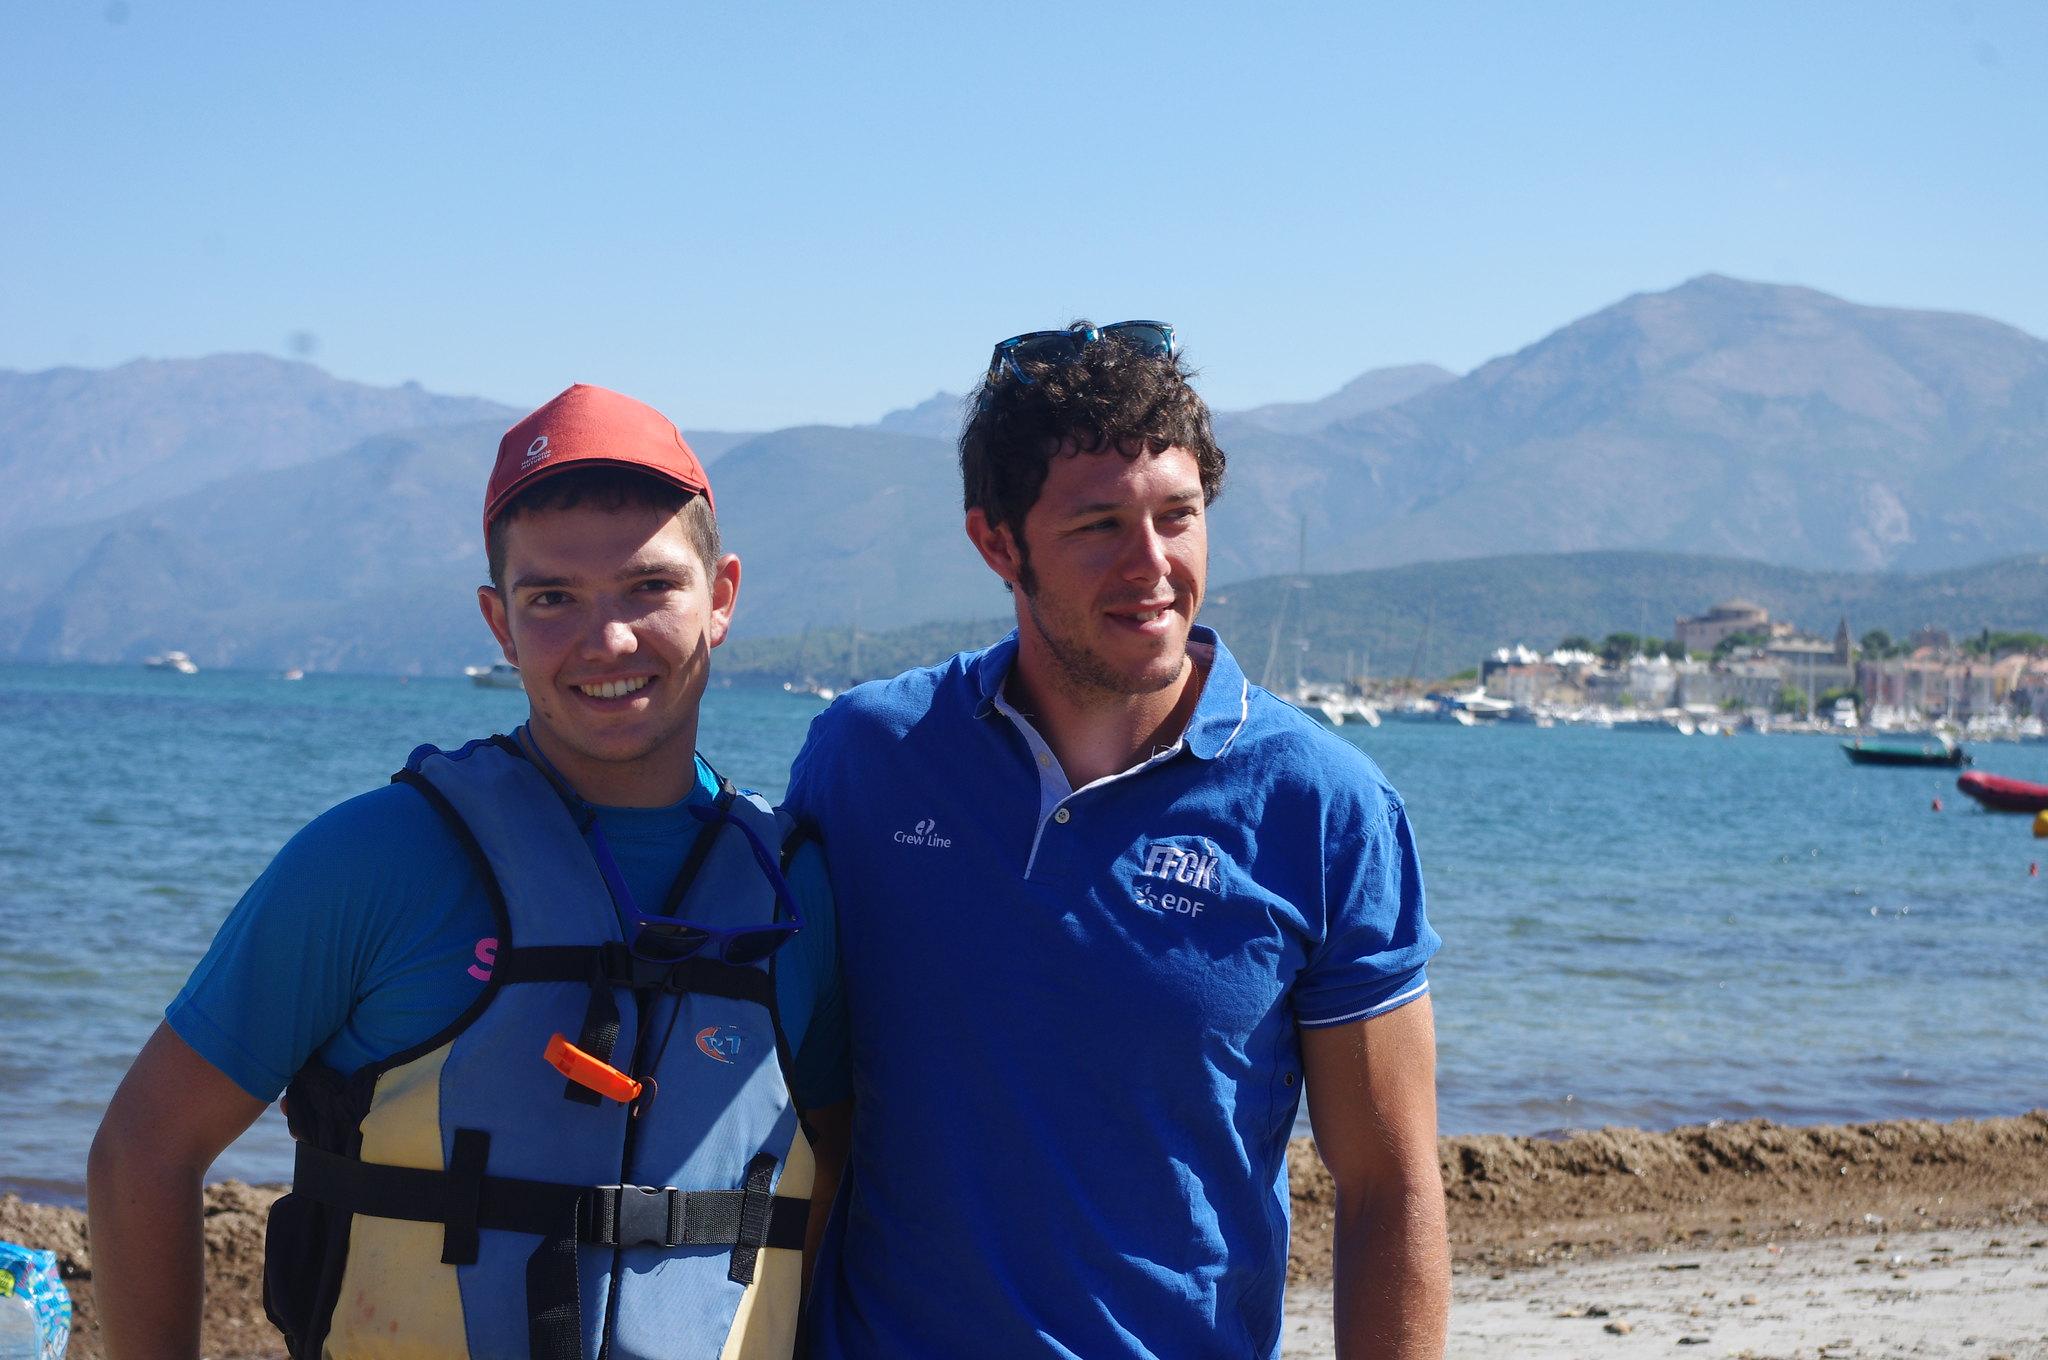 Armand et Damien champion du monde sprint 2015 kayak de rivière